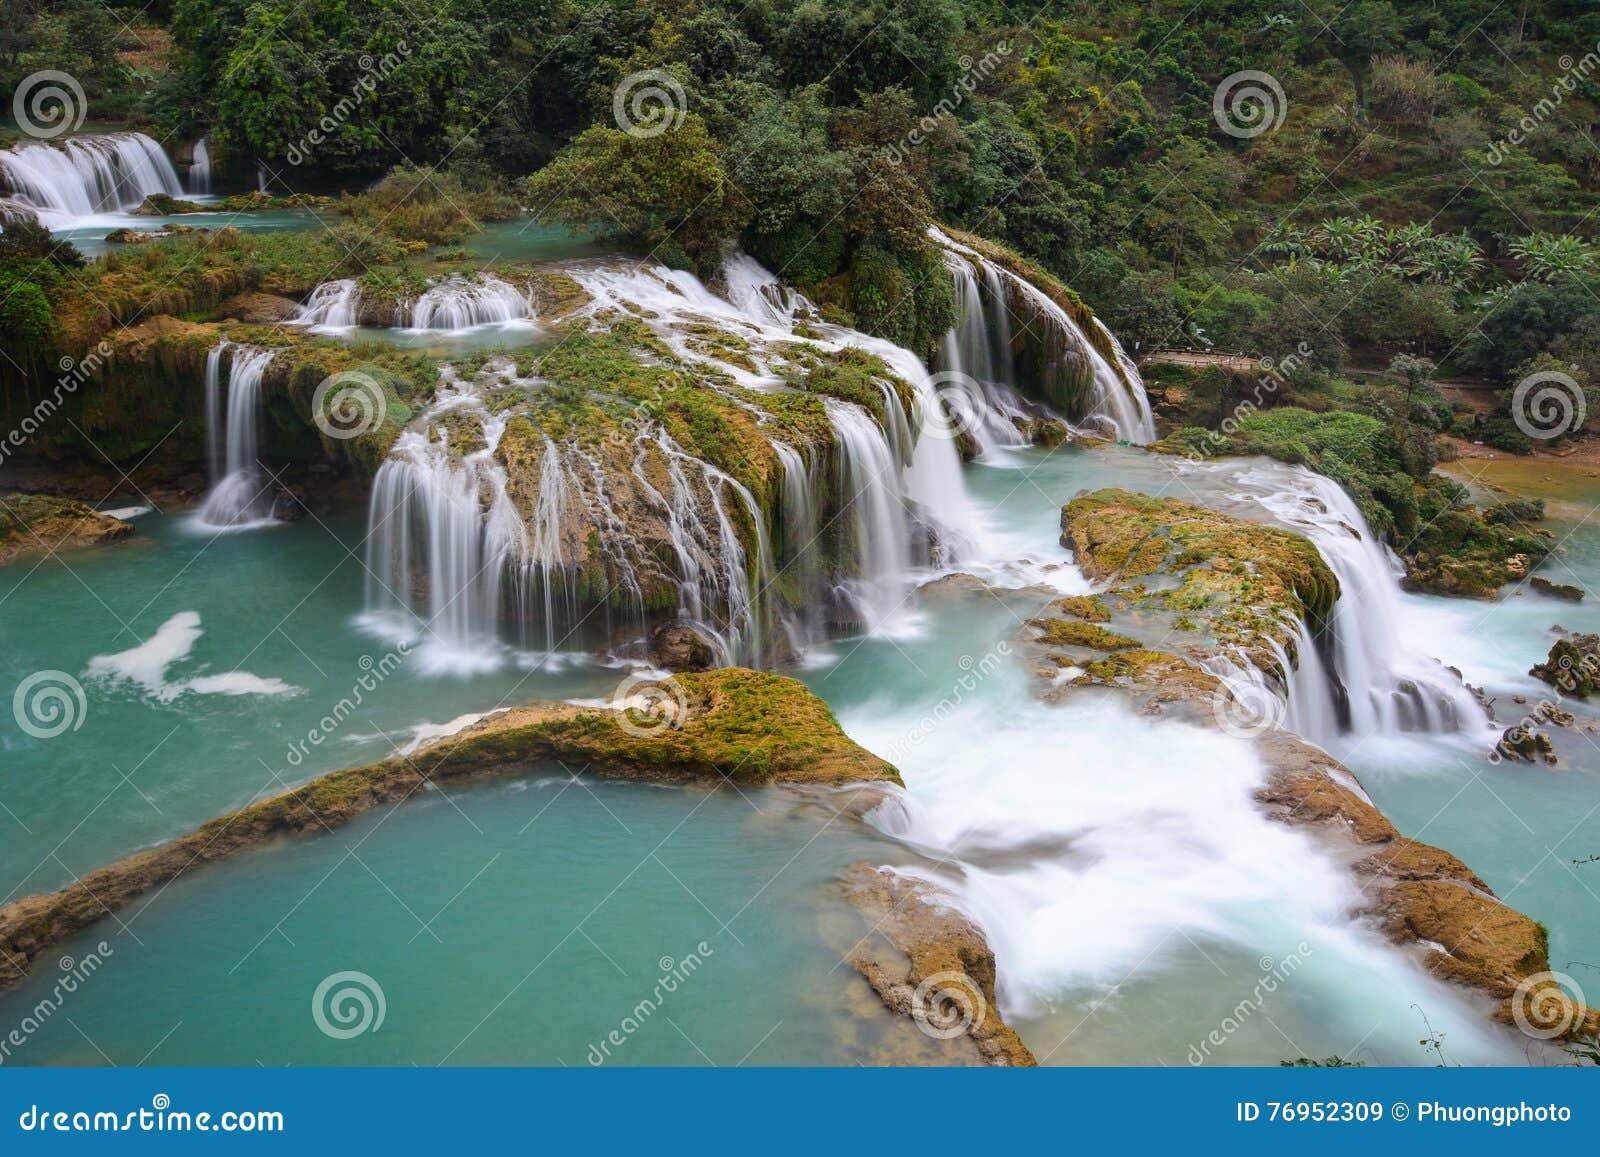 Ban Gioc Waterfall In Cao Bang Vietnam Stock Image Image Of Blue Bang 76952309